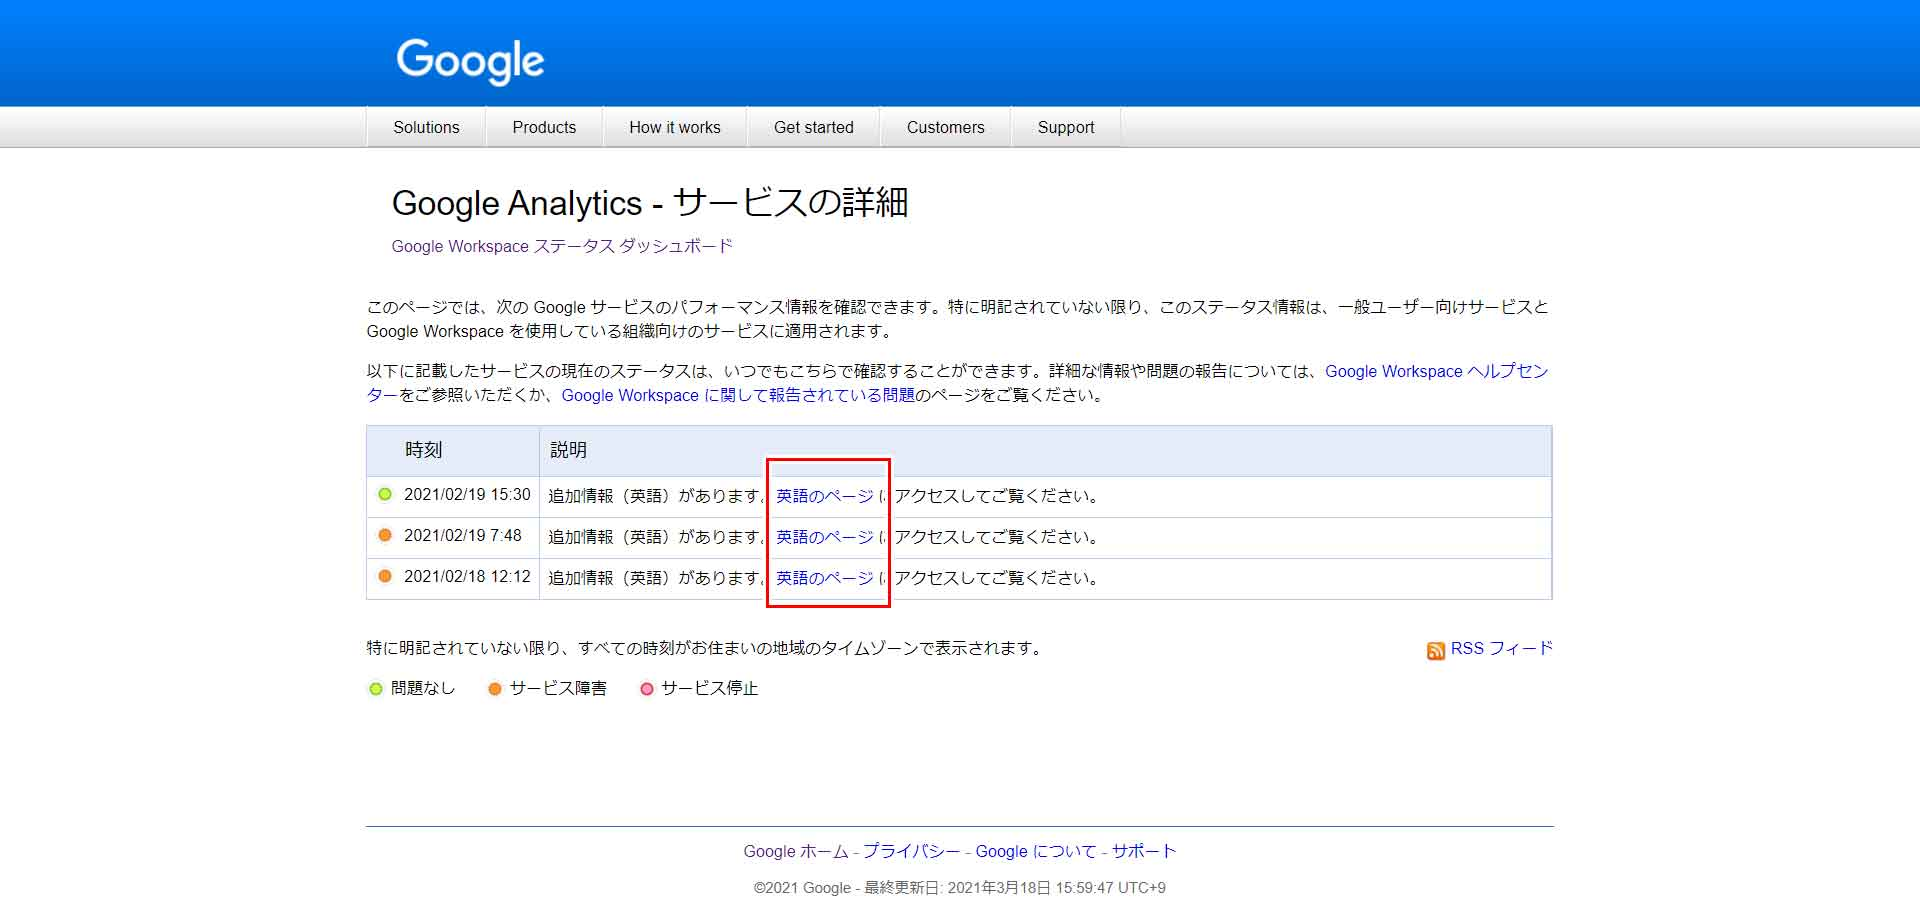 Googleサービスで発生した障害の内容を見る